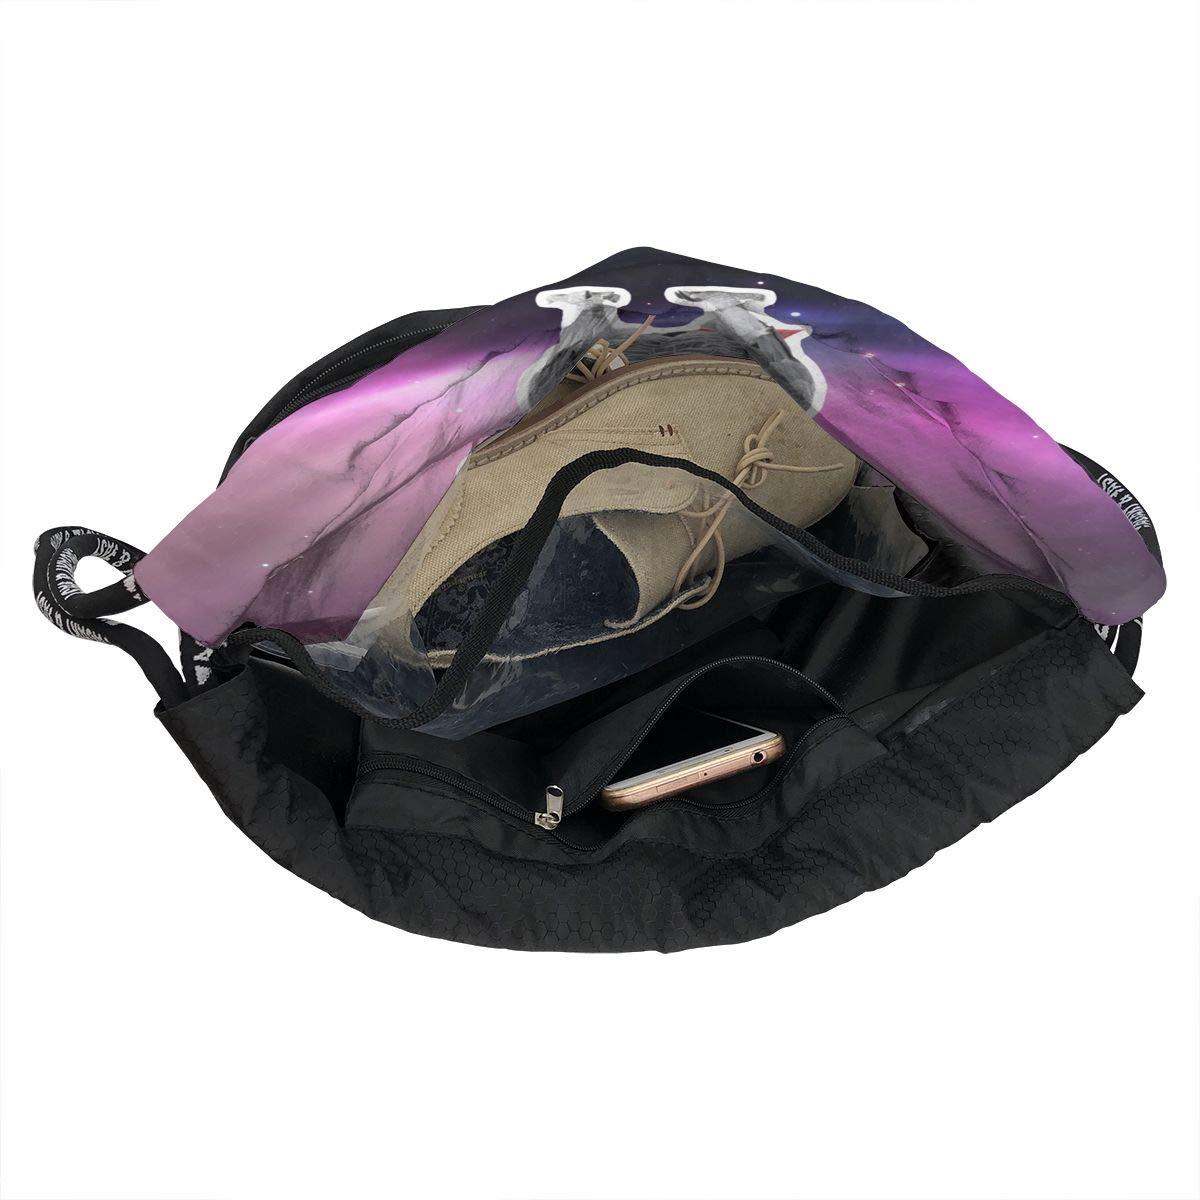 HUOPR5Q Parrot Drawstring Backpack Sport Gym Sack Shoulder Bulk Bag Dance Bag for School Travel